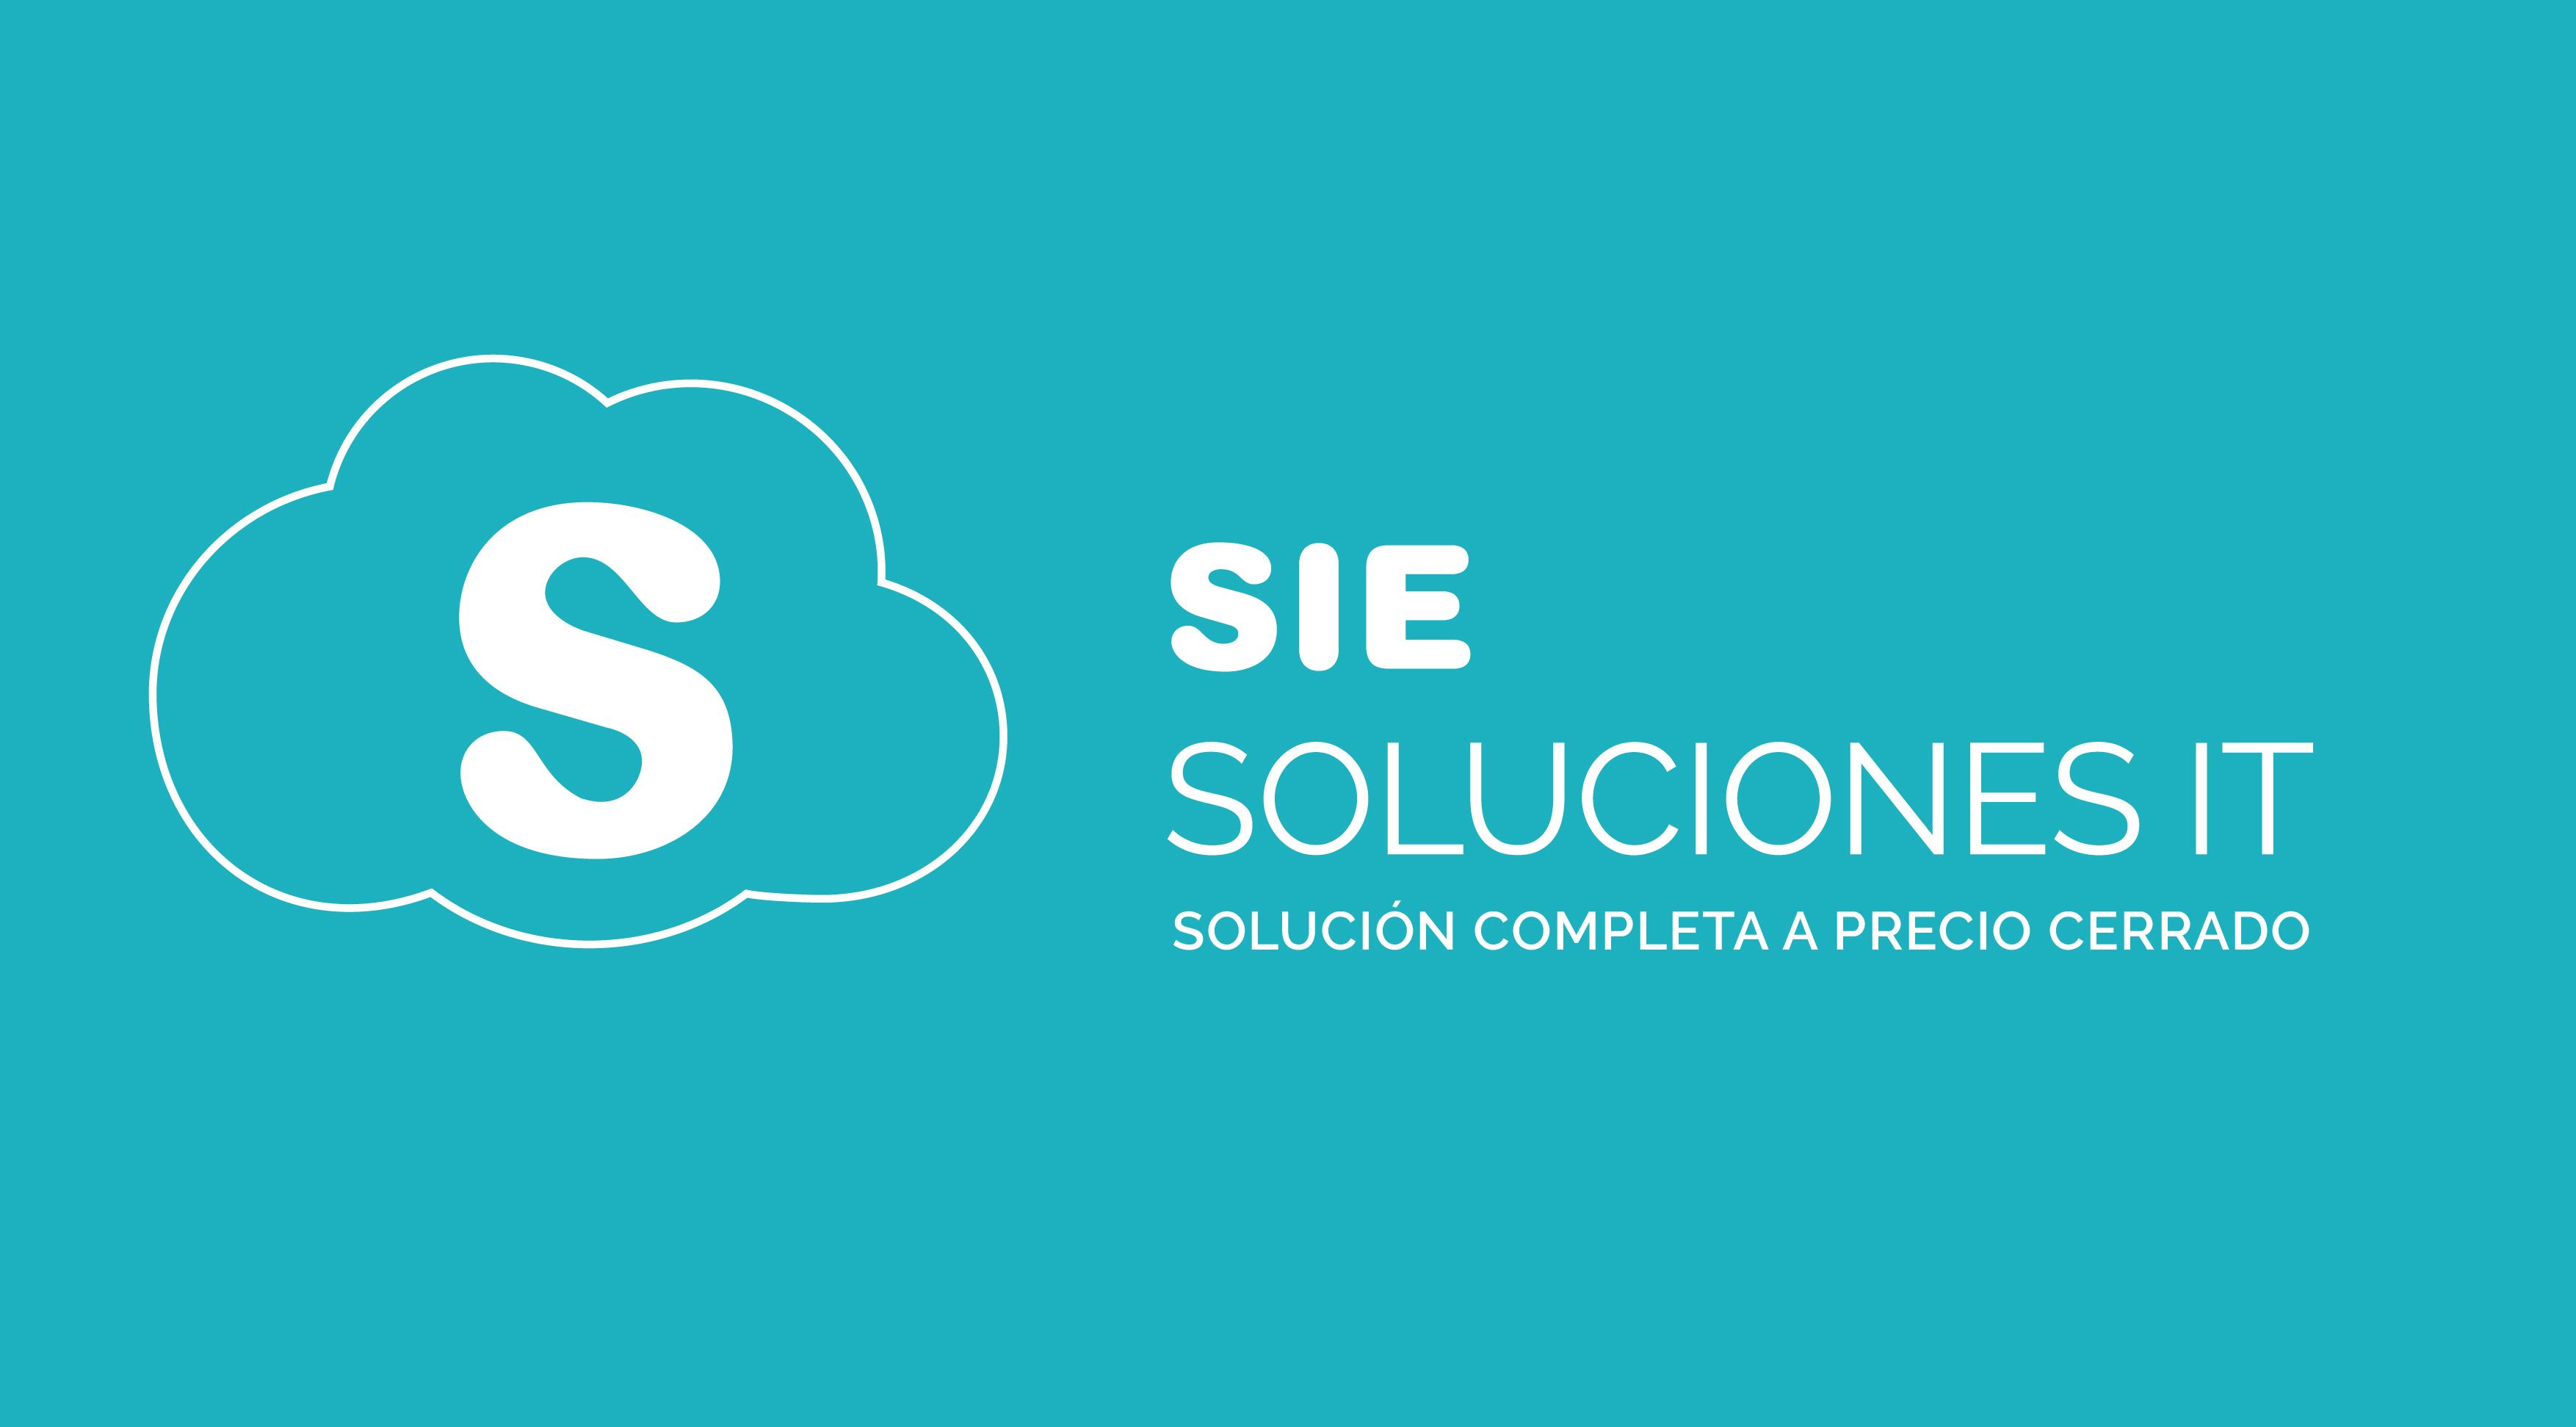 SIE SOLUCIONES IT (SERVICIOS INTEGRALES PARA EMPRESAS 2006 SLU)